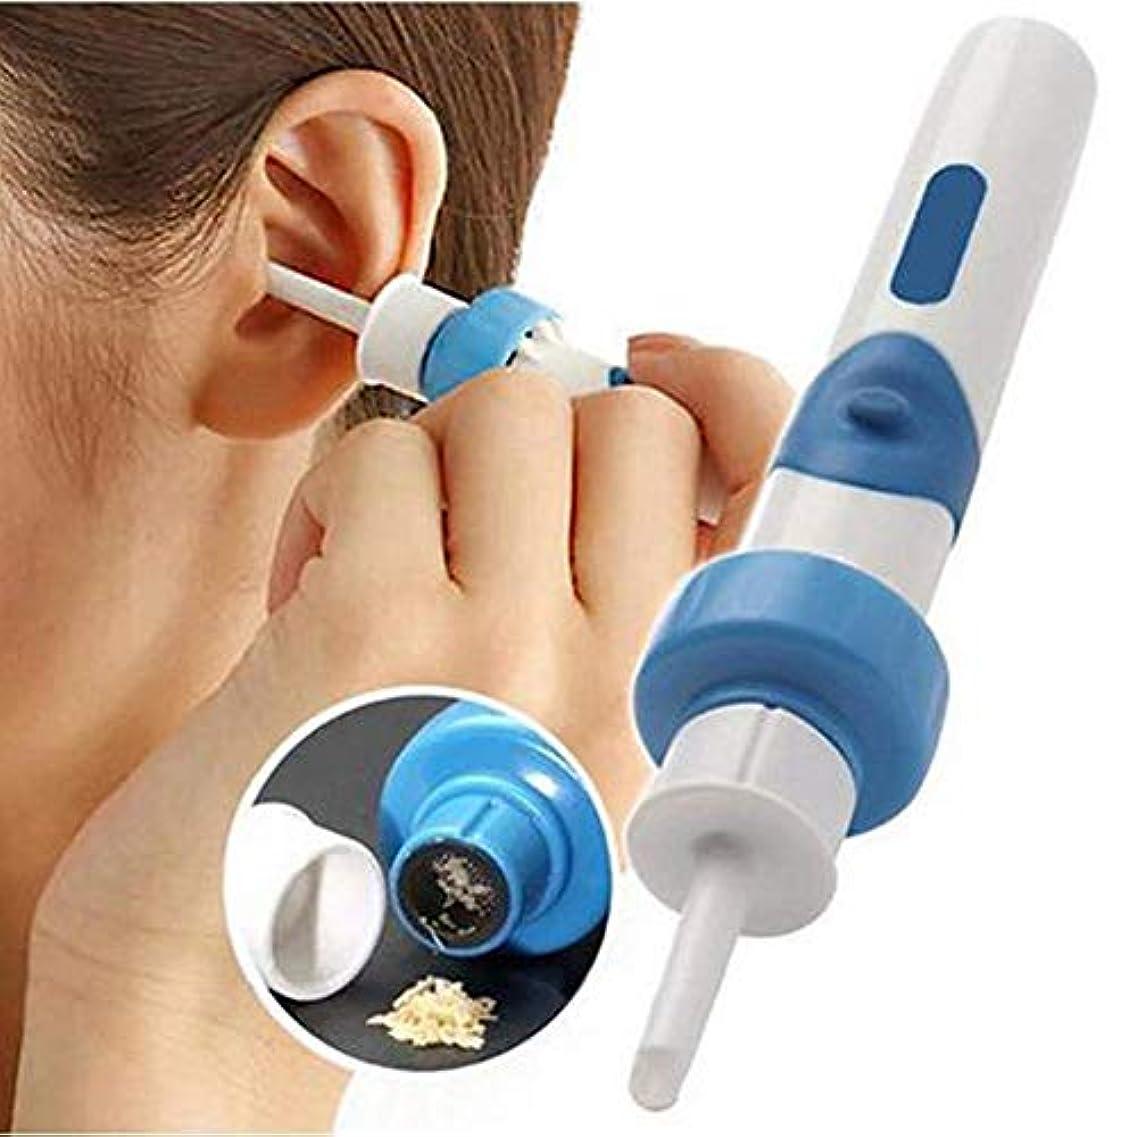 ボート倉庫ボランティアProtable真空耳クリーナーマシン電子クリーニングの耳垢が耳かきクリーナーを防ぐ耳ピッククリーンツールケアを削除します。